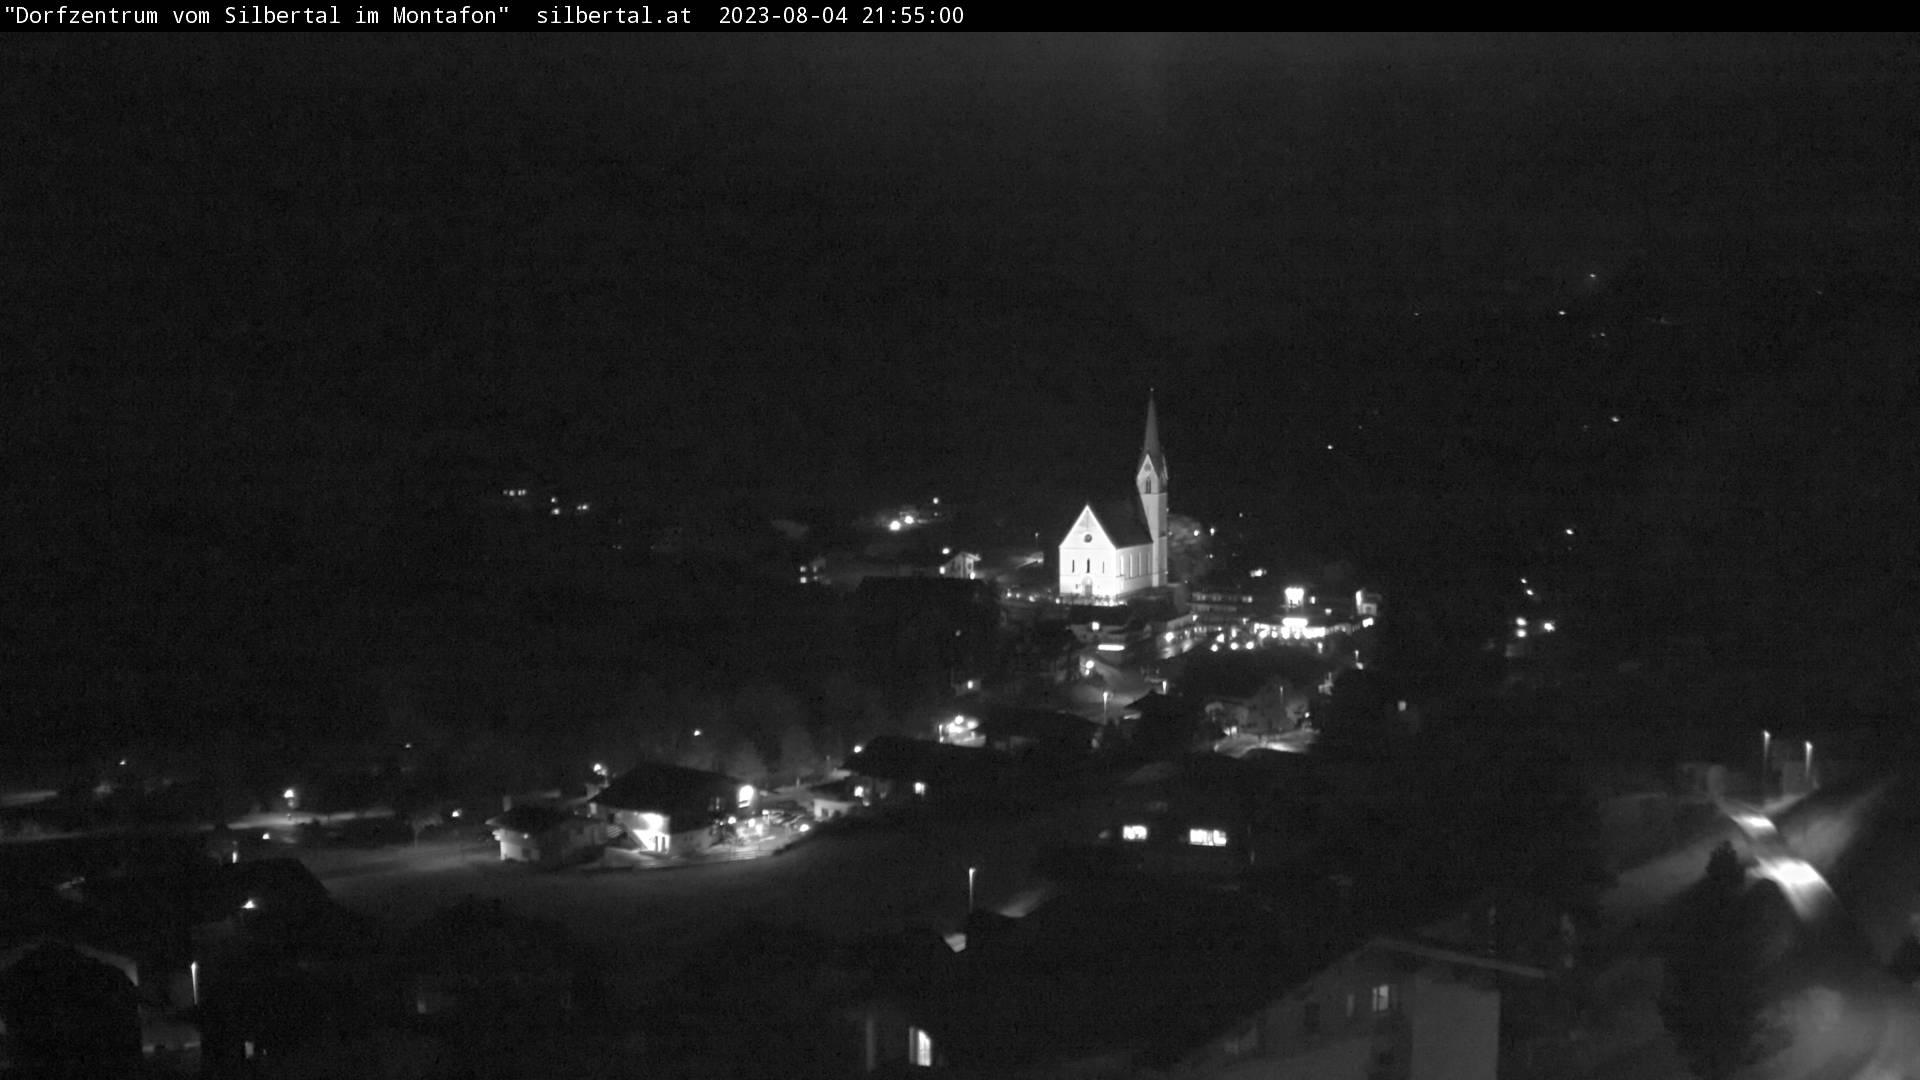 Die Webcam mit diesem Livebild zeigt das Dorfzentrum von Silbertal (http://www.silbertal.at).